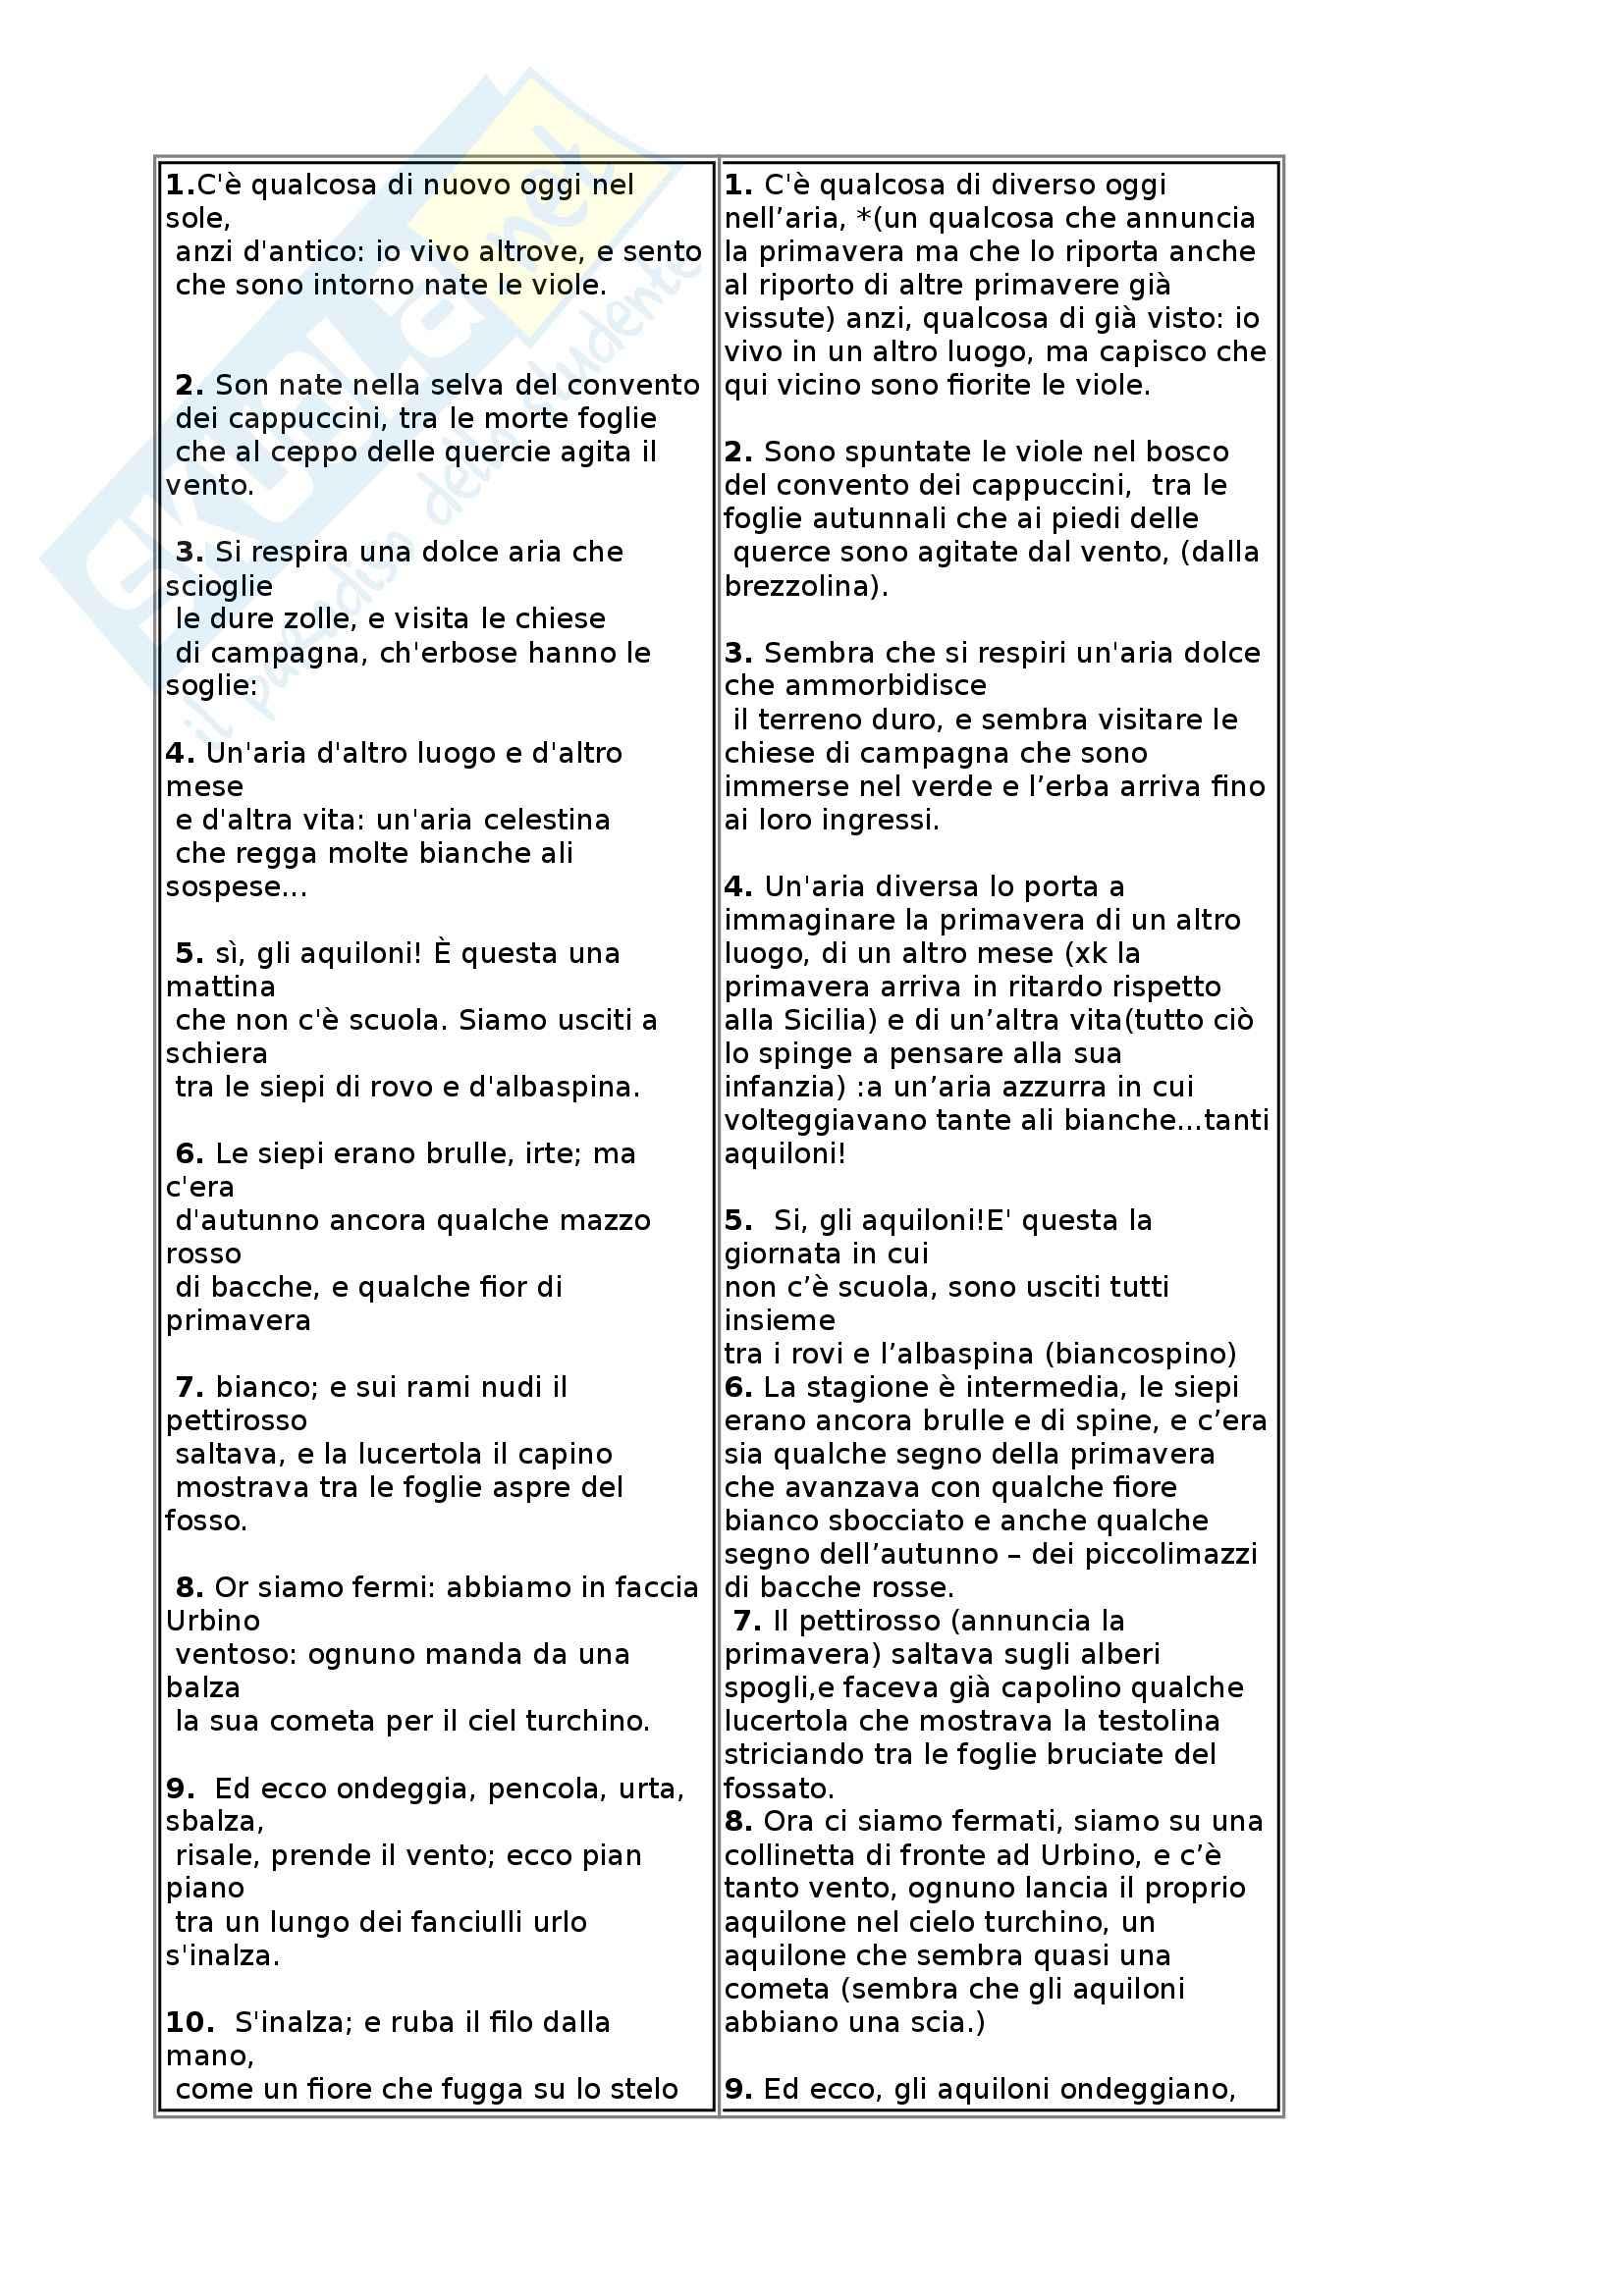 Giovanni Pascoli Vita - Pensiero - Opere analizzate - Appunti Pag. 16